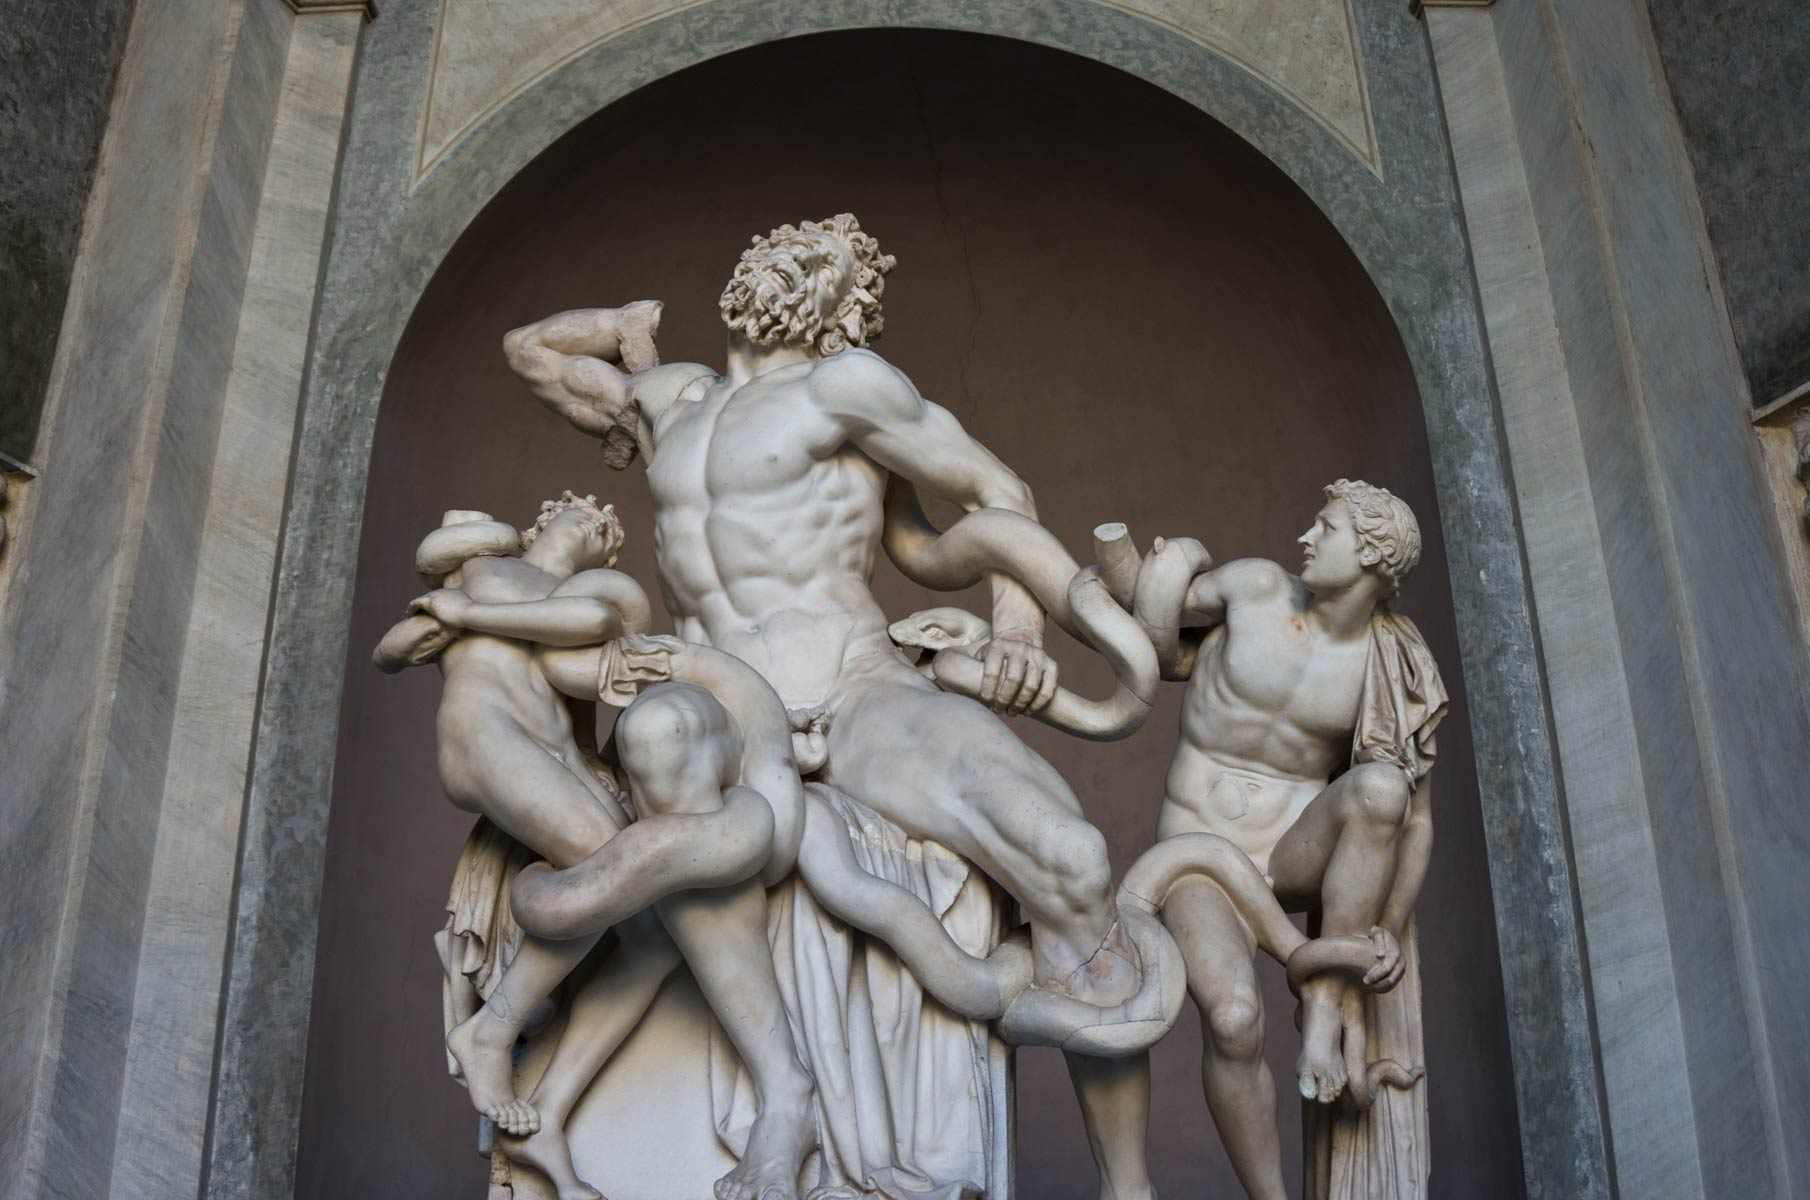 Apollo Statue im Vatikanischen Museum in Rom, Italien